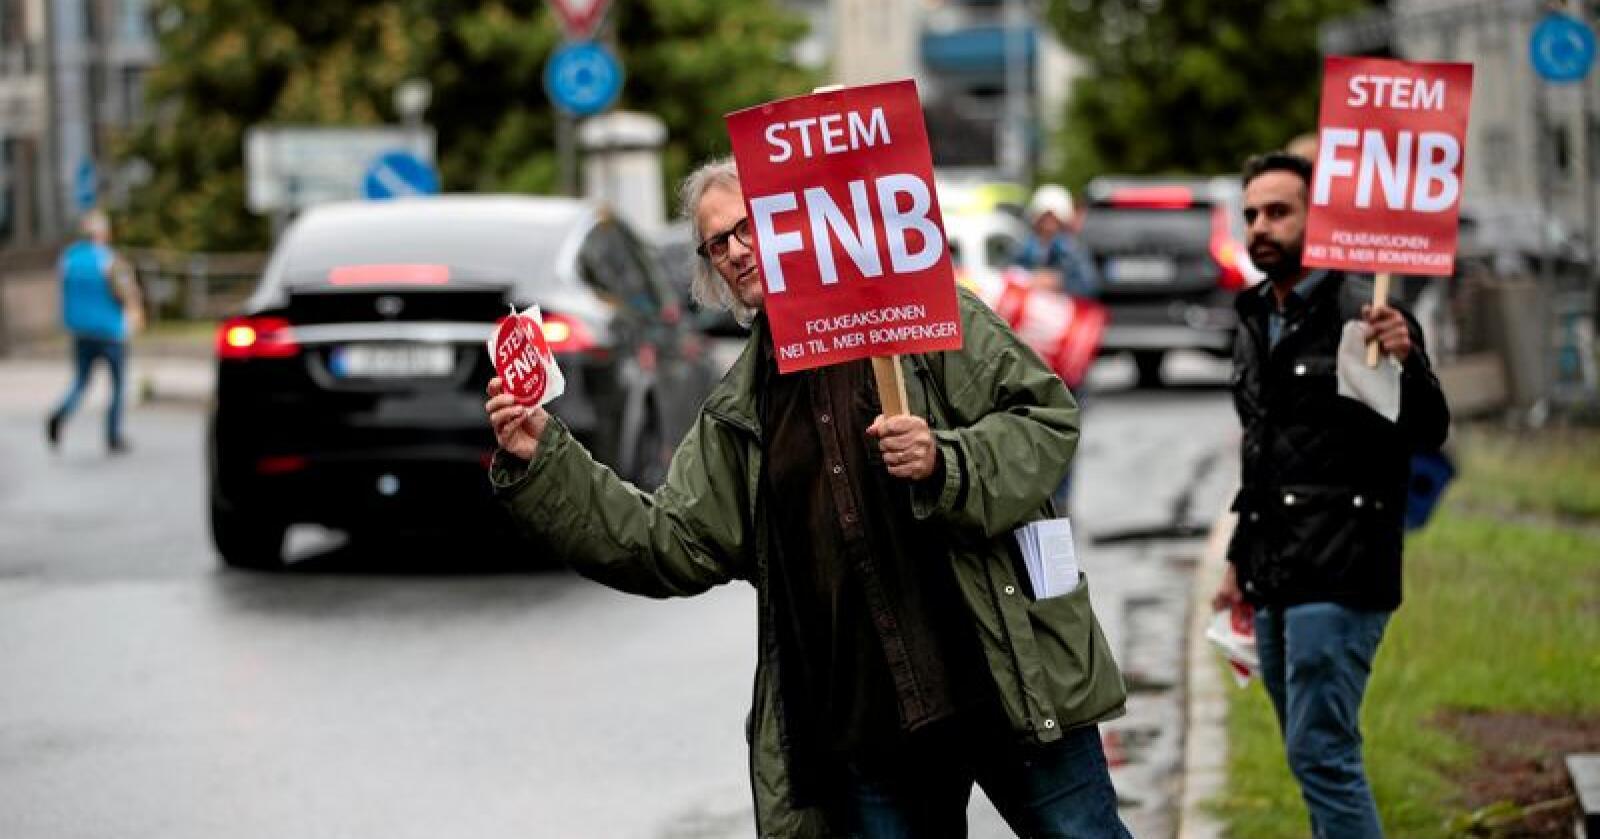 Nytt parti: Bompengepartiet FNB er gode nyheter, skriver innsenderen. Foto: Lise Åserud/NTB scanpix